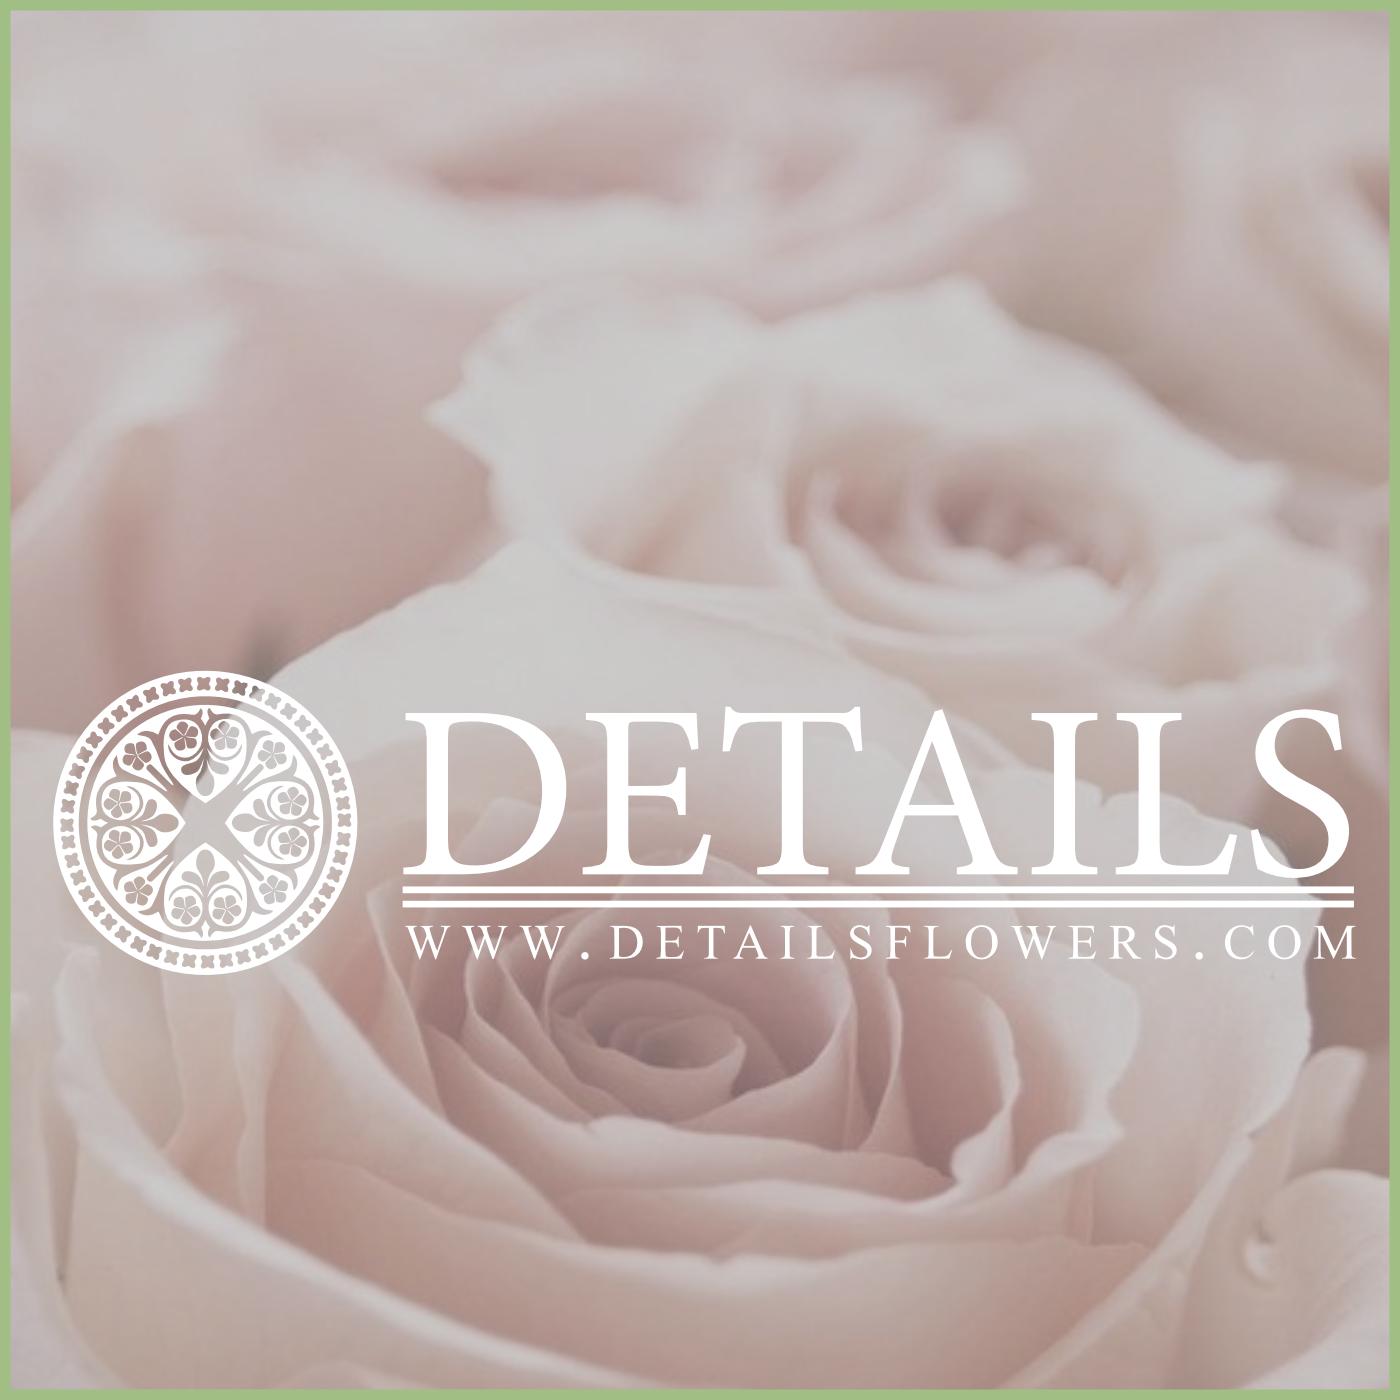 details flower software